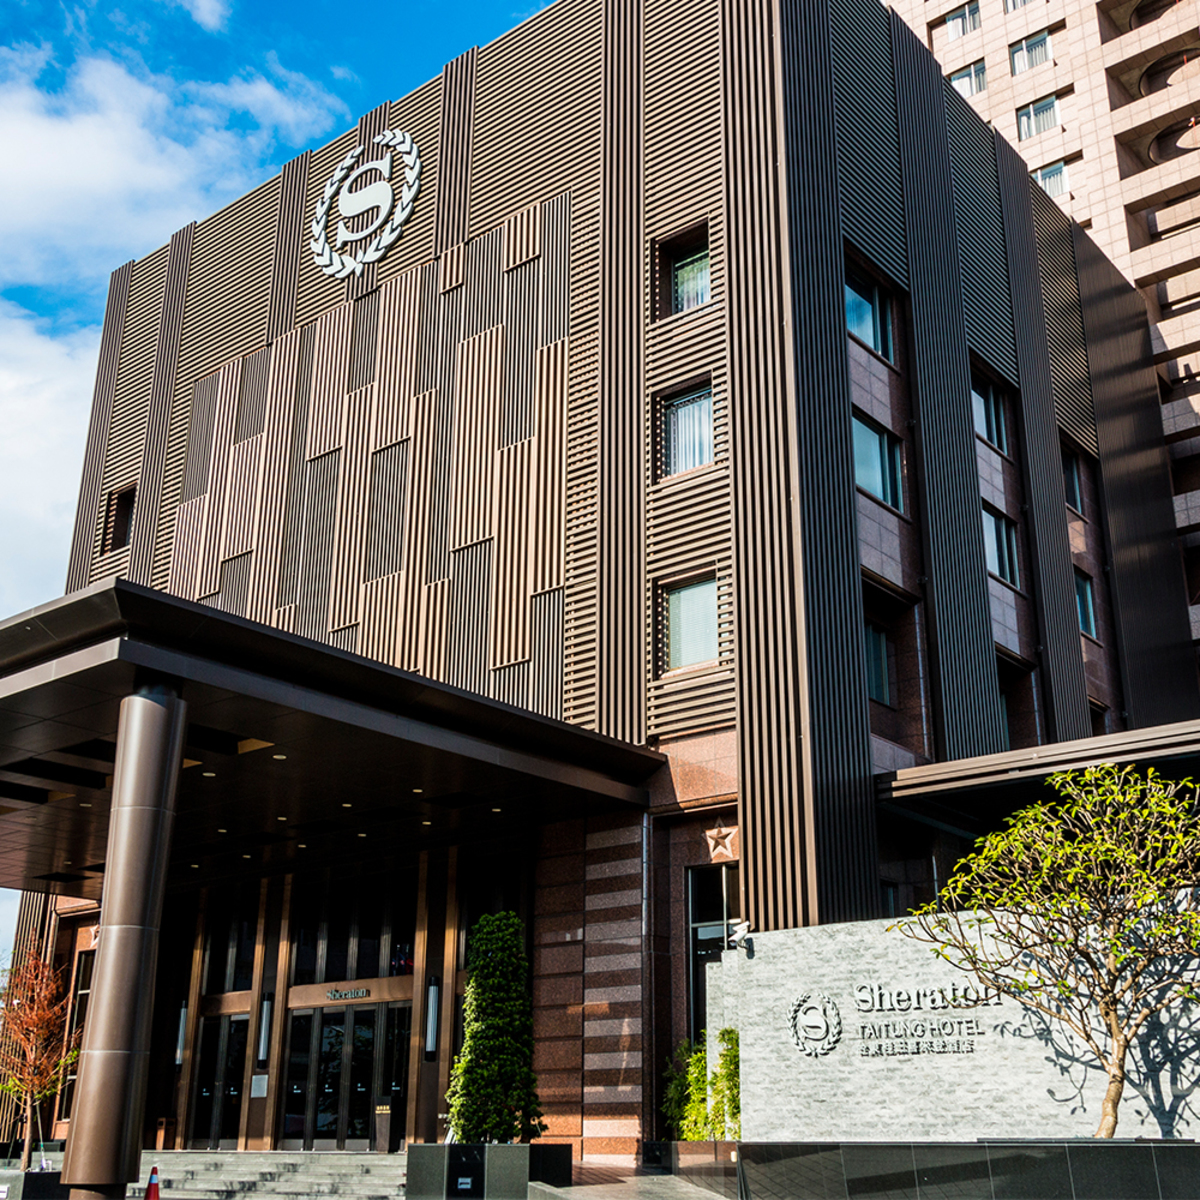 台東桂田喜來登酒店豪華家庭客房四人一泊一食住宿專案